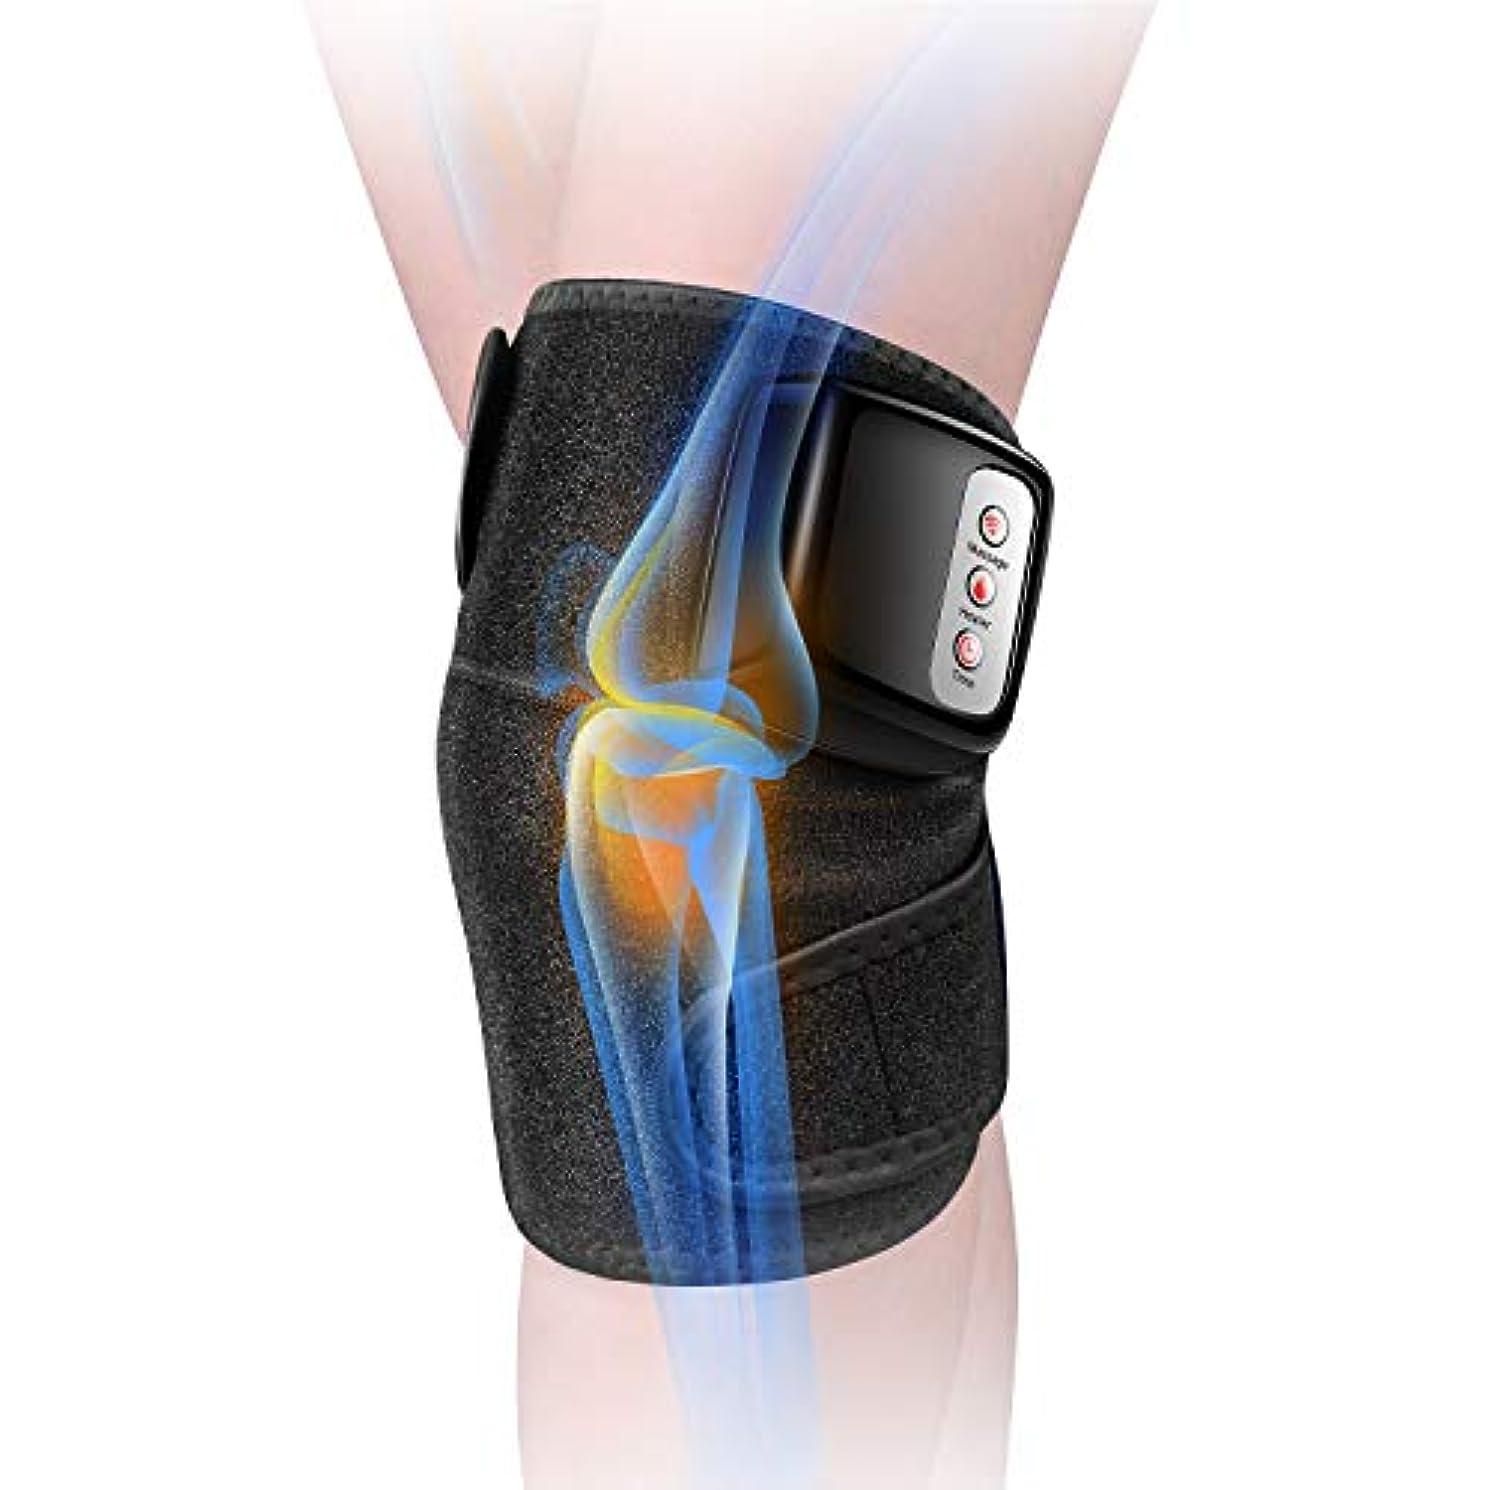 全部コンサートつぼみ膝マッサージャー 関節マッサージャー マッサージ器 フットマッサージャー 振動 赤外線療法 温熱療法 膝サポーター ストレス解消 肩 太もも/腕対応